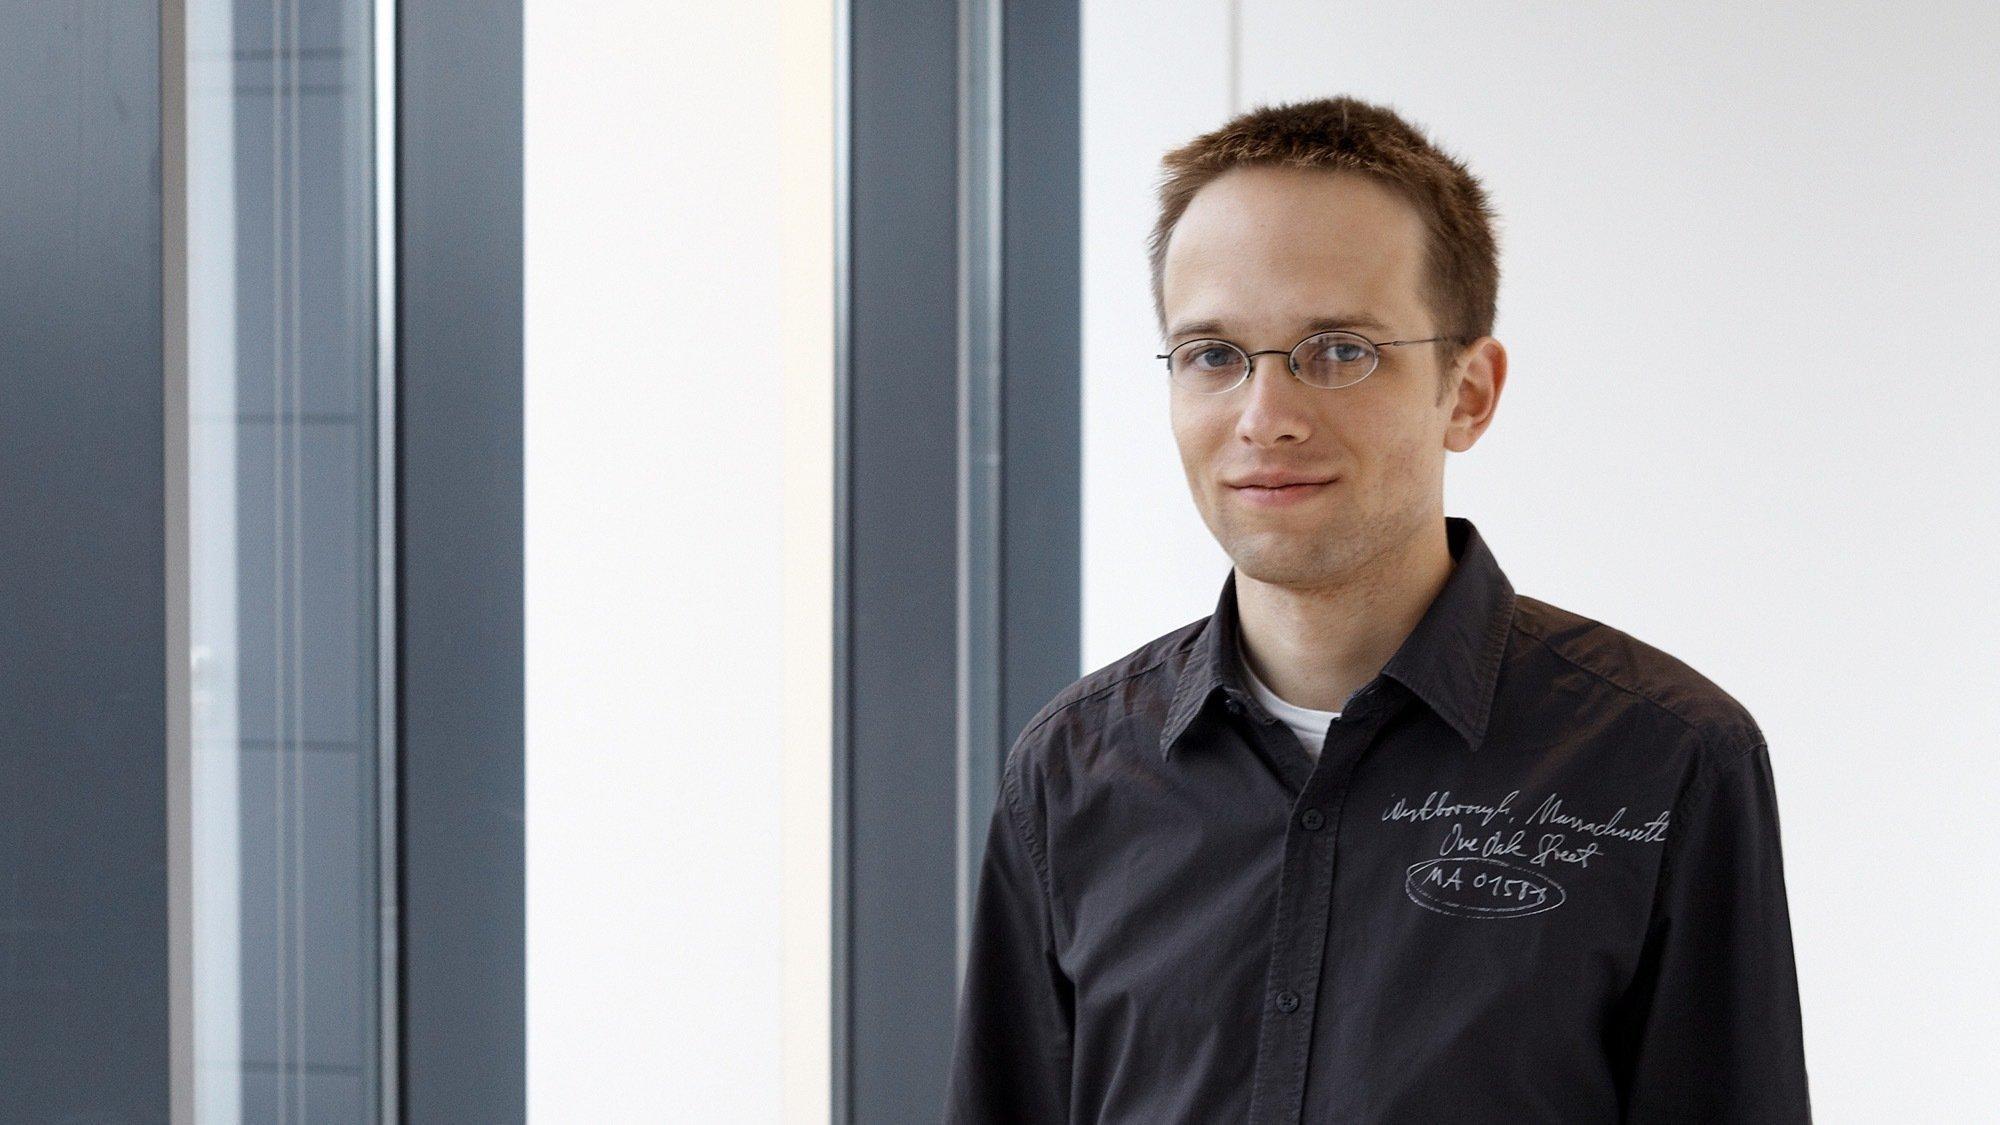 Portrait von einem Mann mit Brille